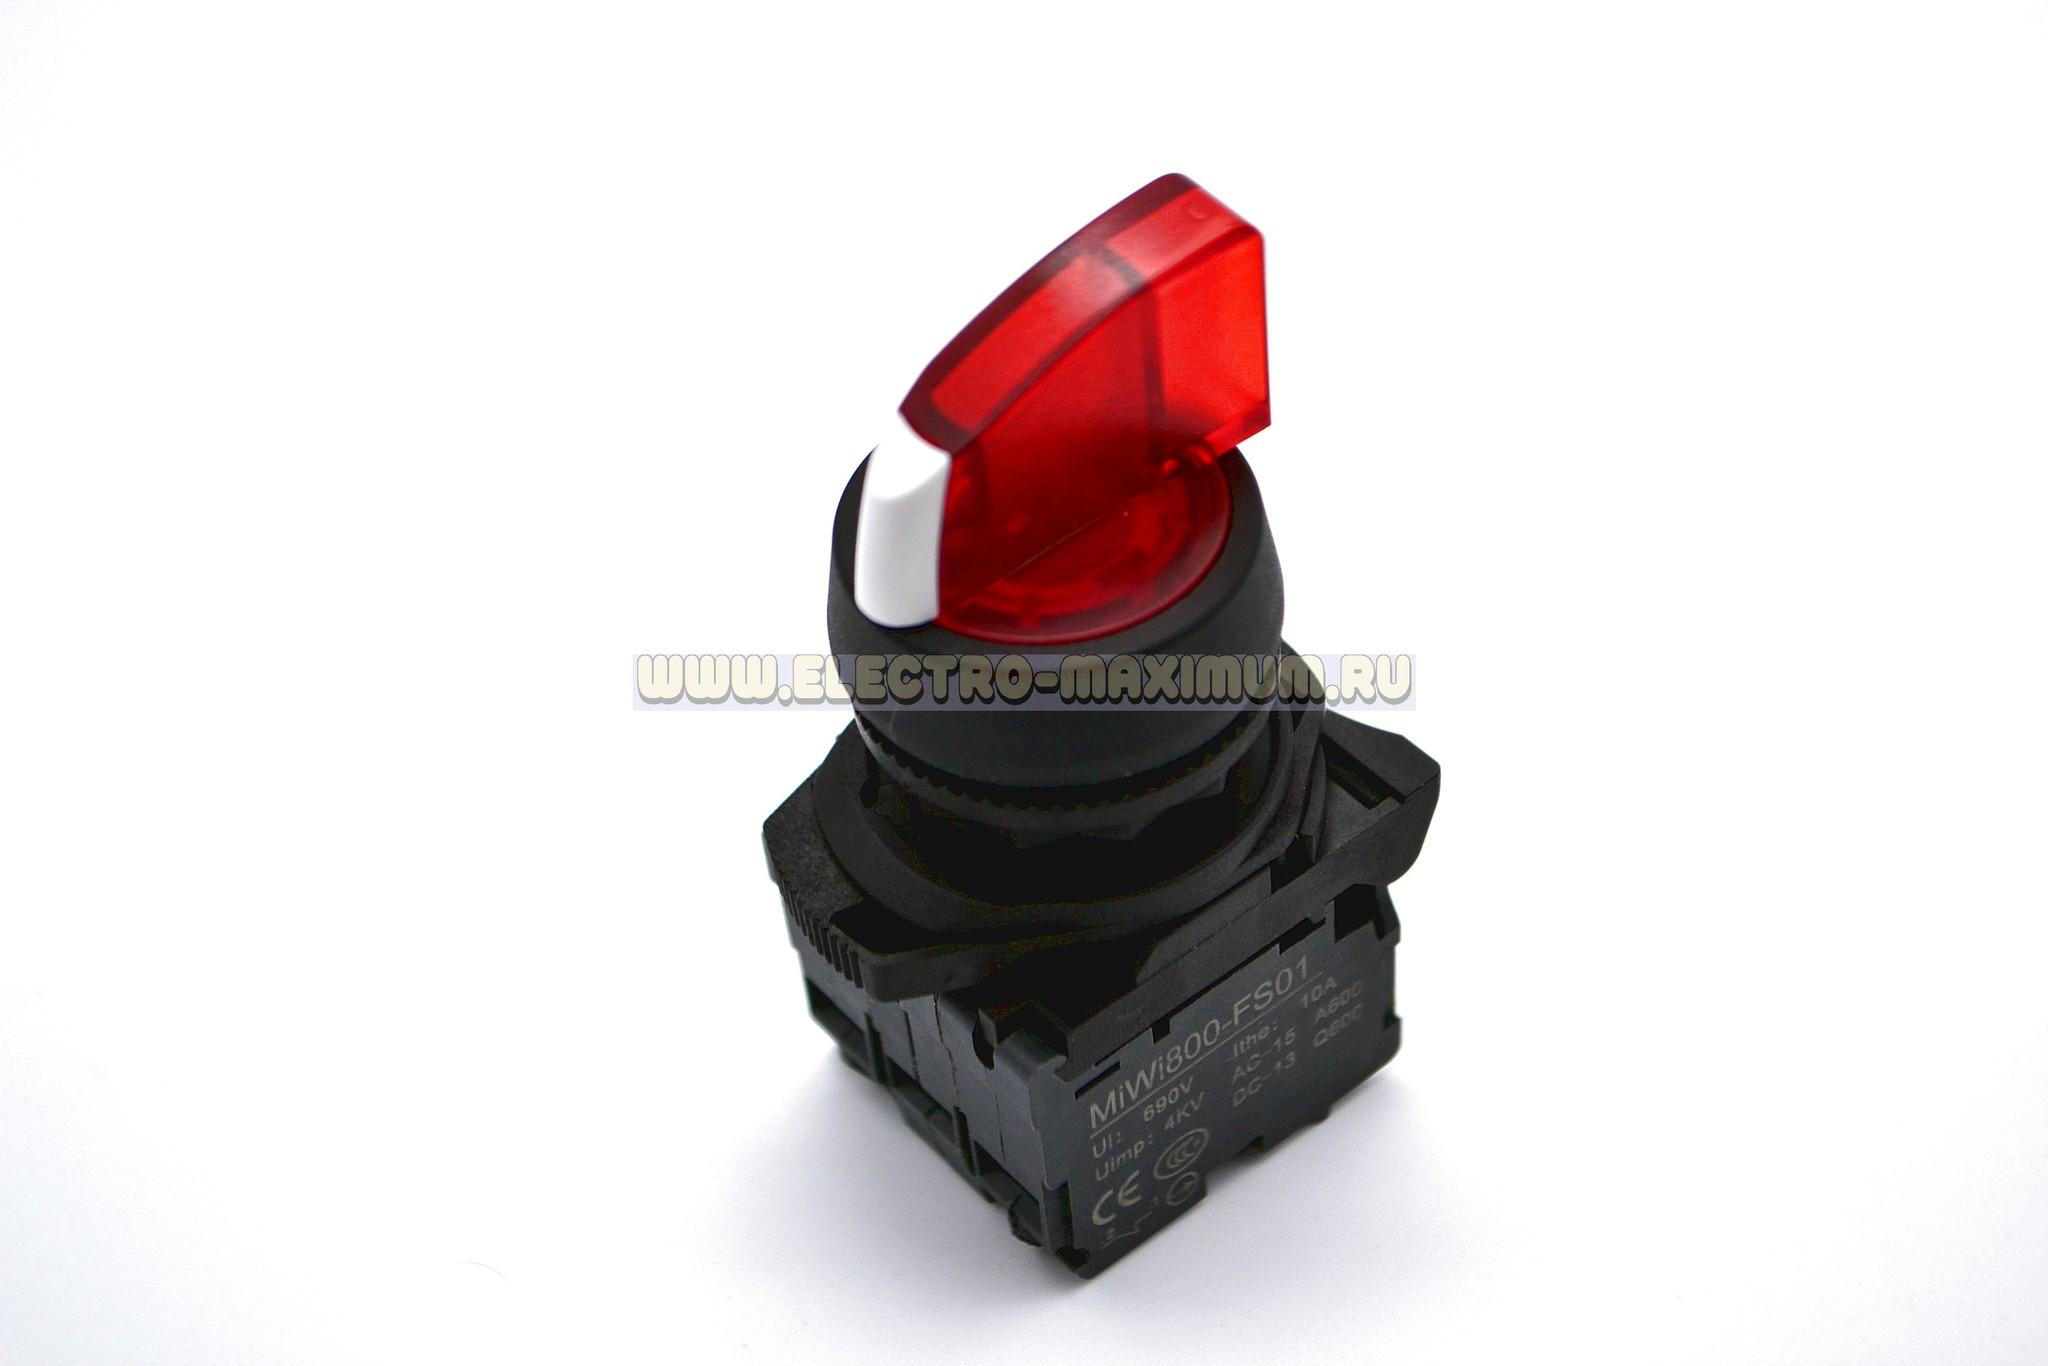 MIWI800-FS-XZDP47, цвет красный, 24 V